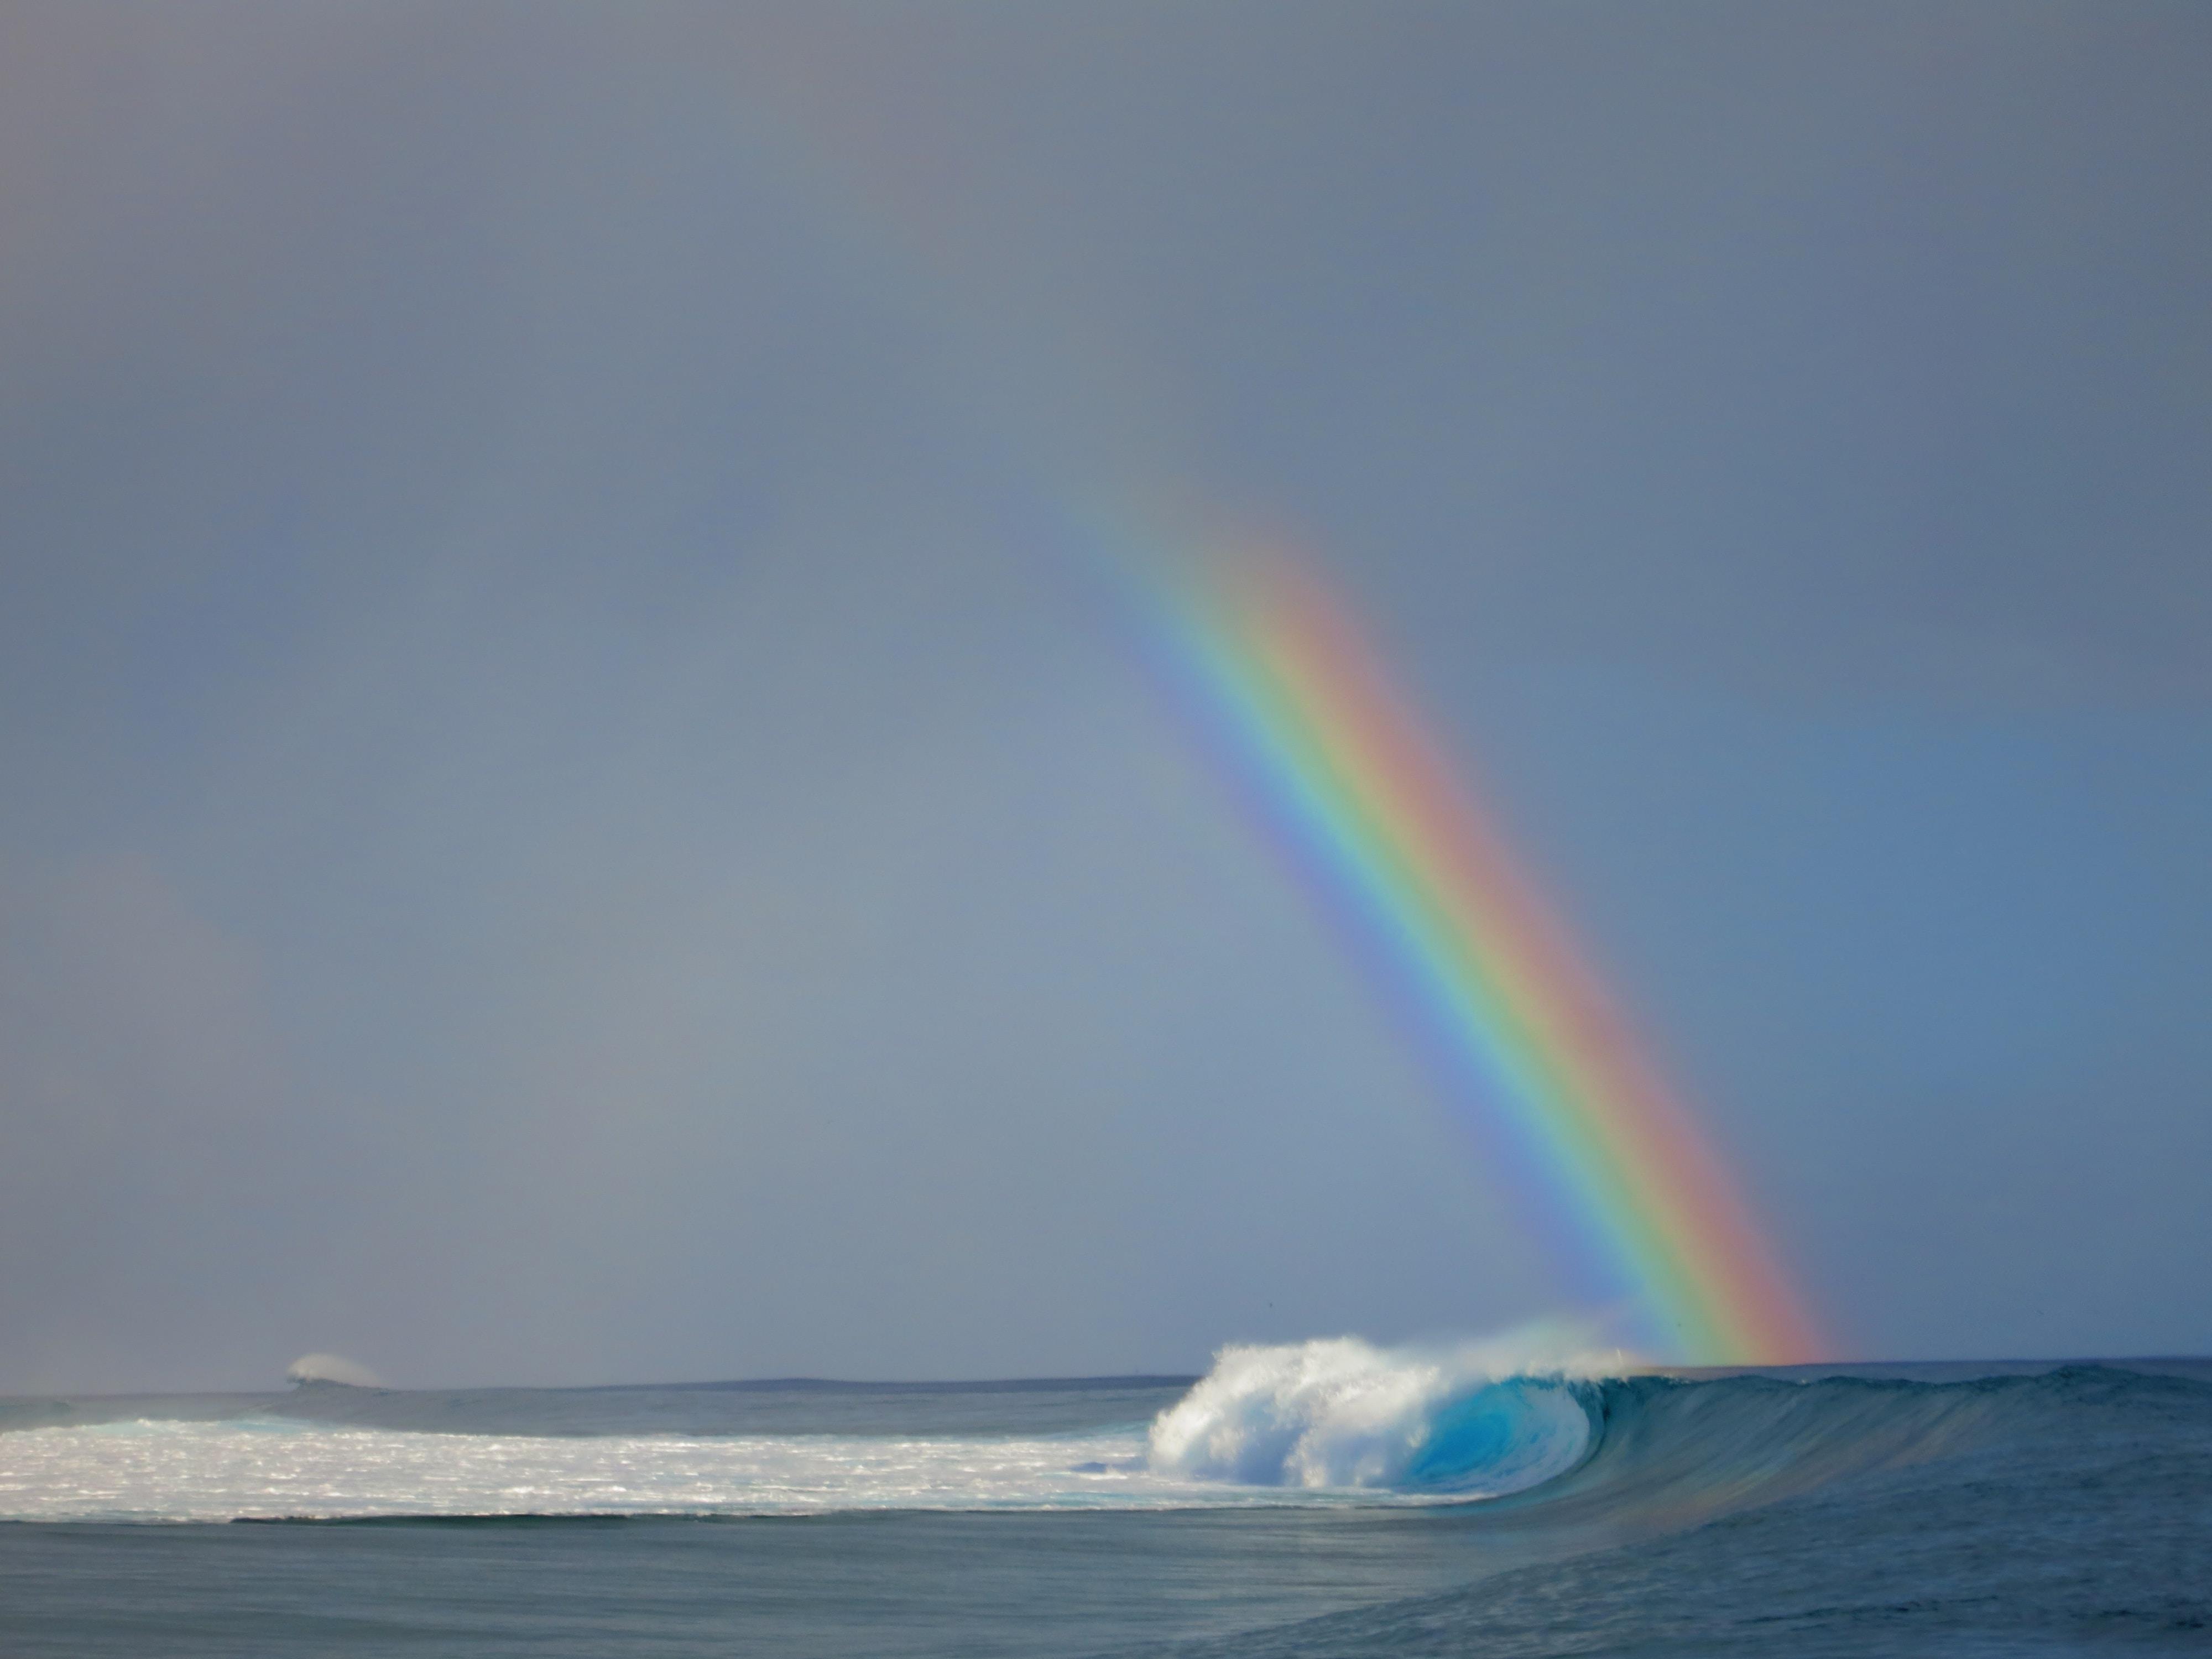 arc en ciel au dessus d'une vague dans la mer